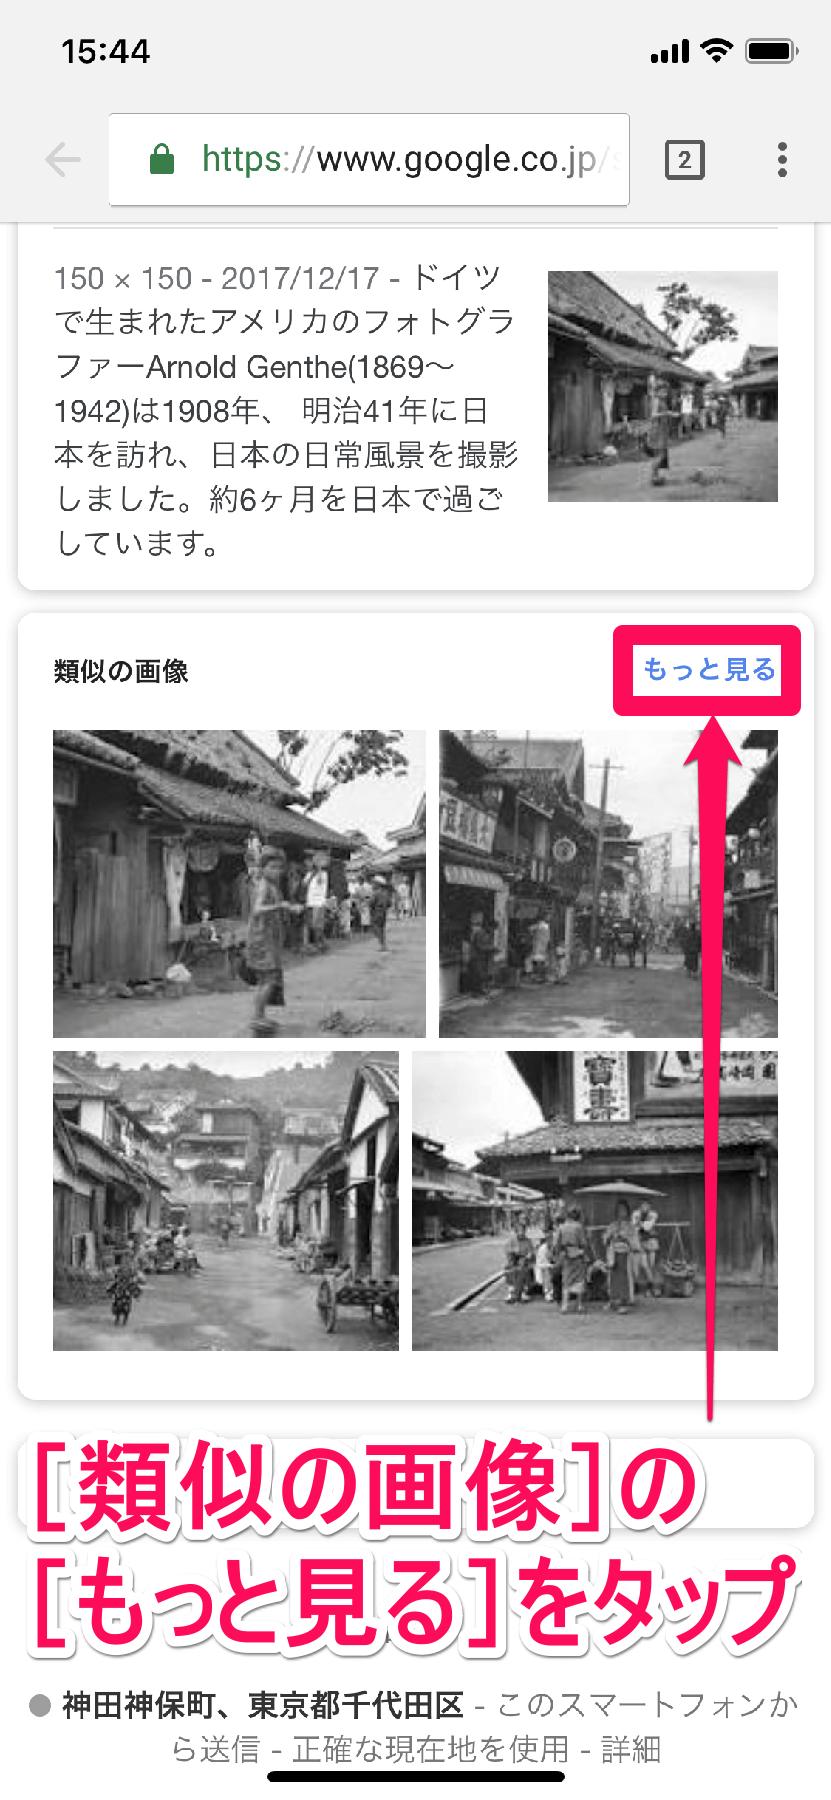 スマートフォン(iPhone(アイフォーン)&Android(アンドロイド)のChrome(クローム)アプリで検索を行い[類似の画像]を表示する画面